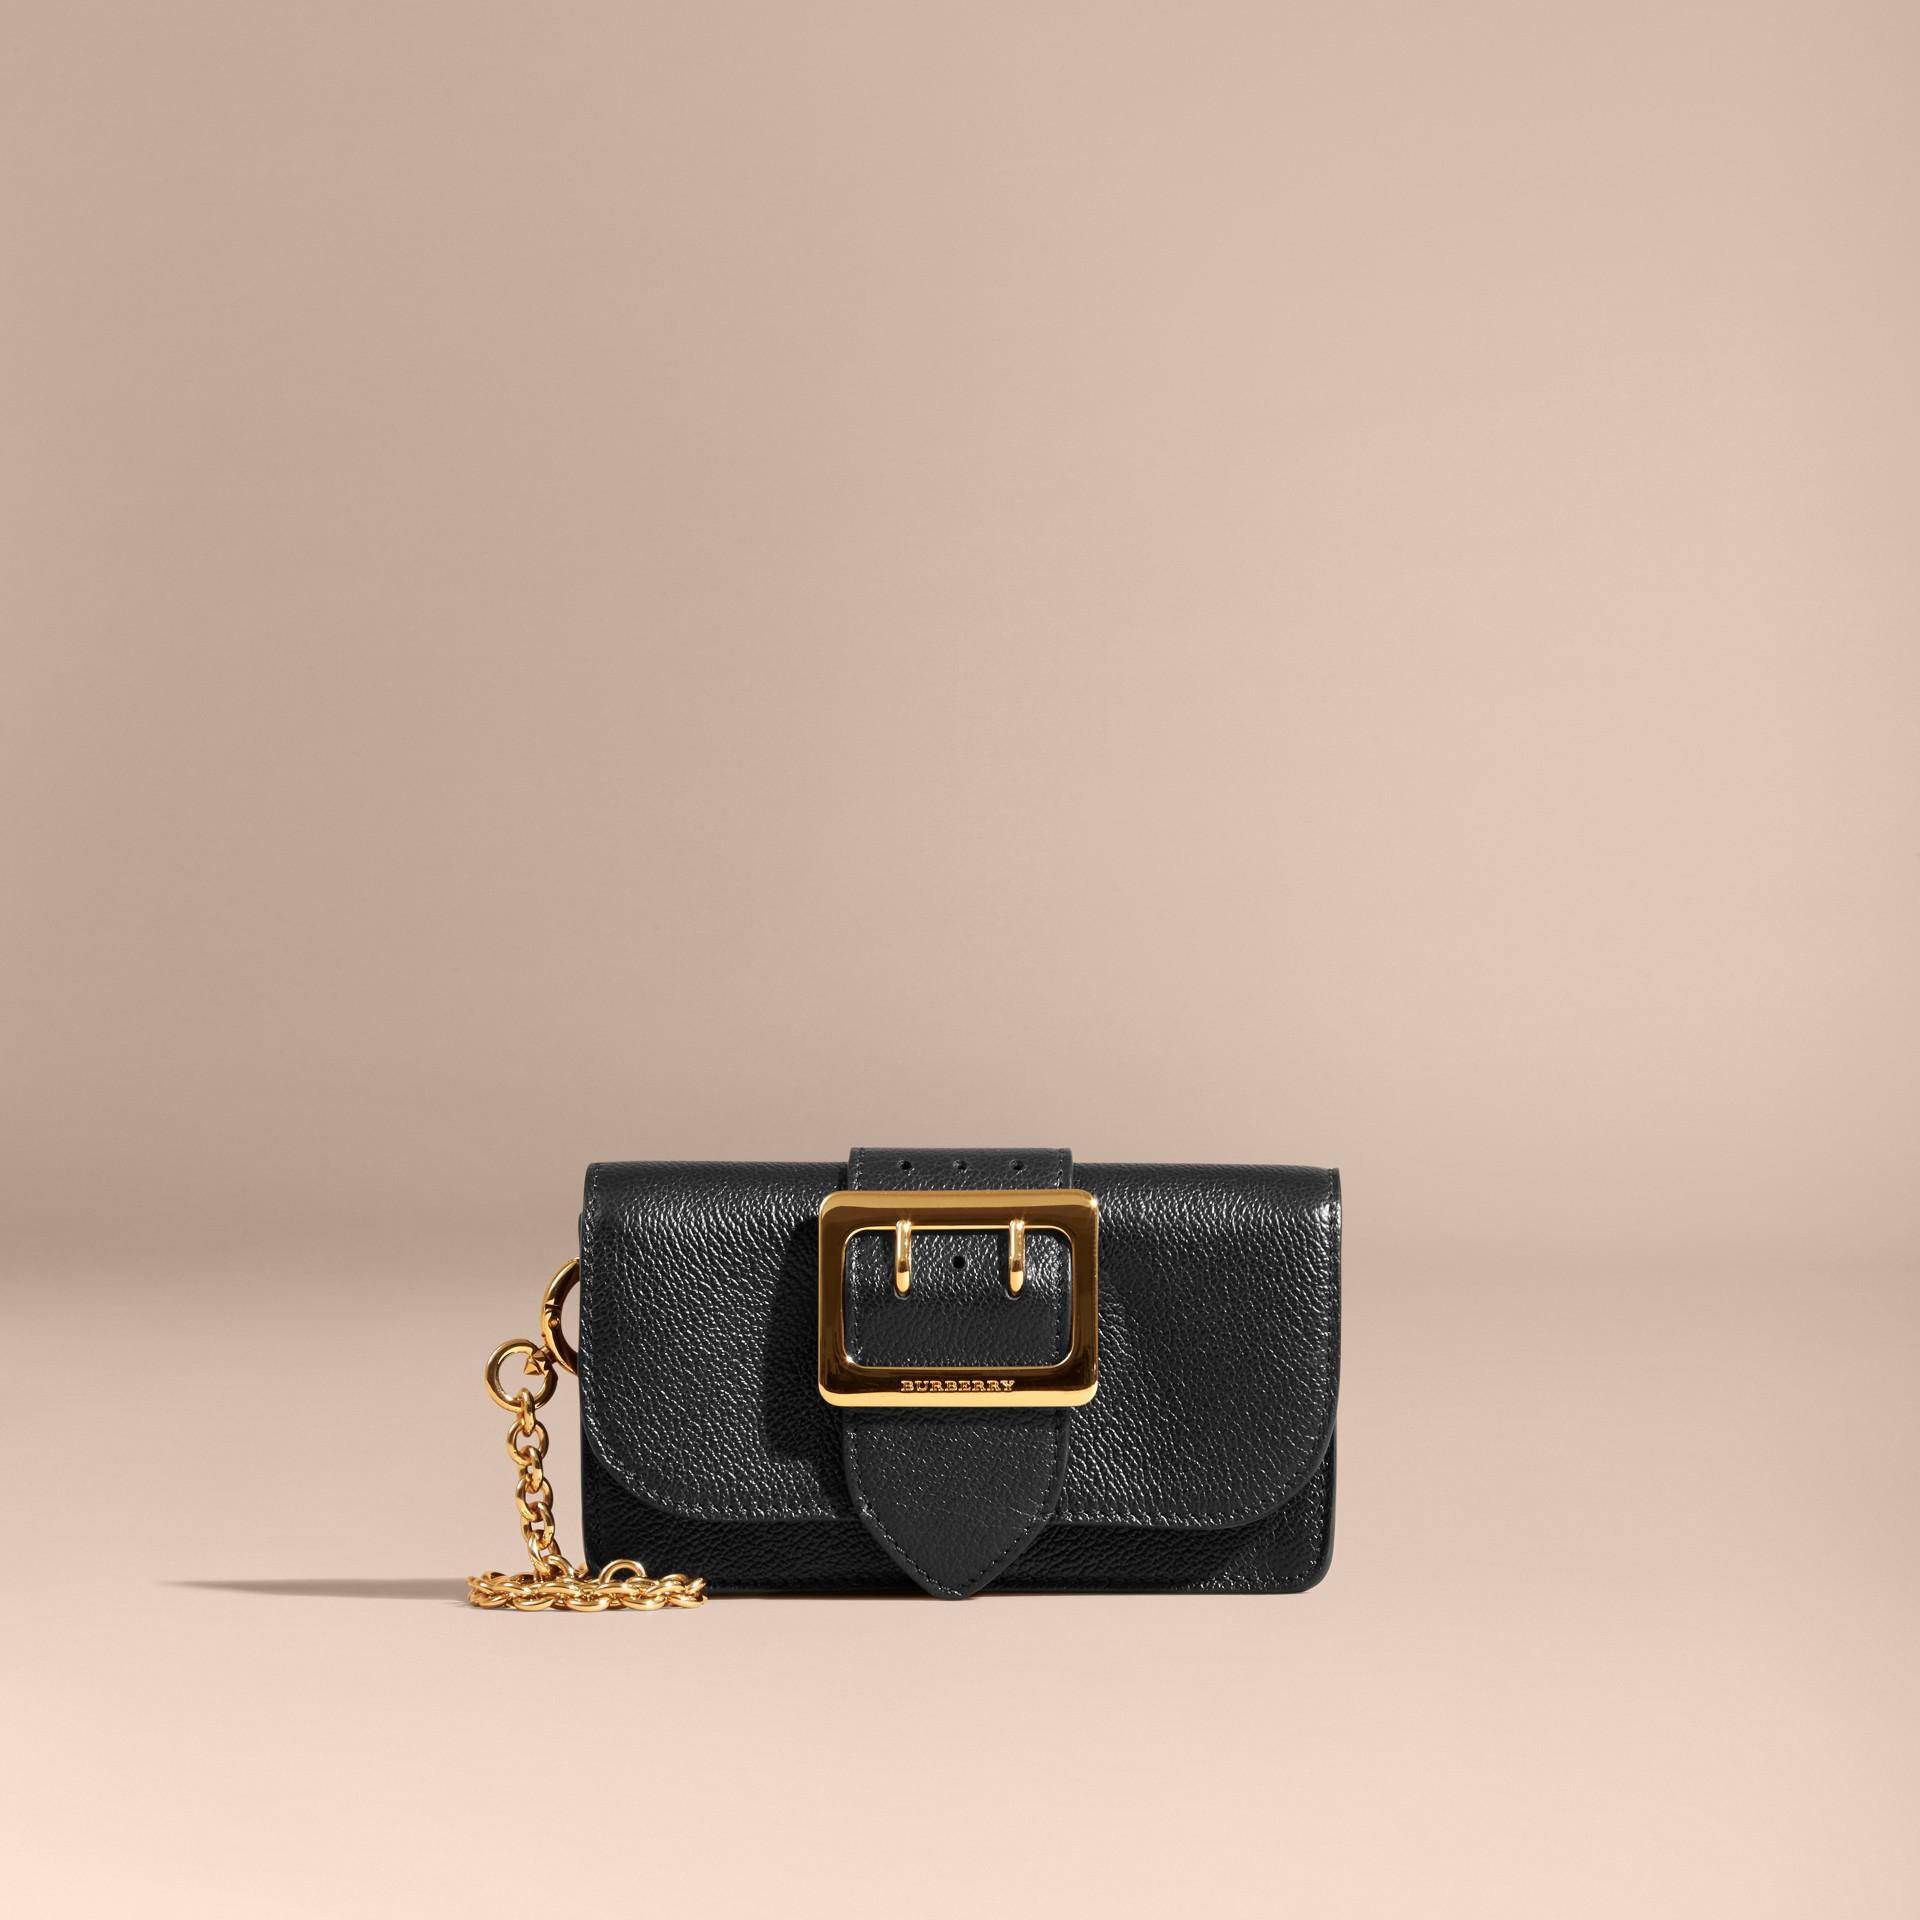 Bolso Buckle mini en piel granulada Negro - imagen de la galería 9